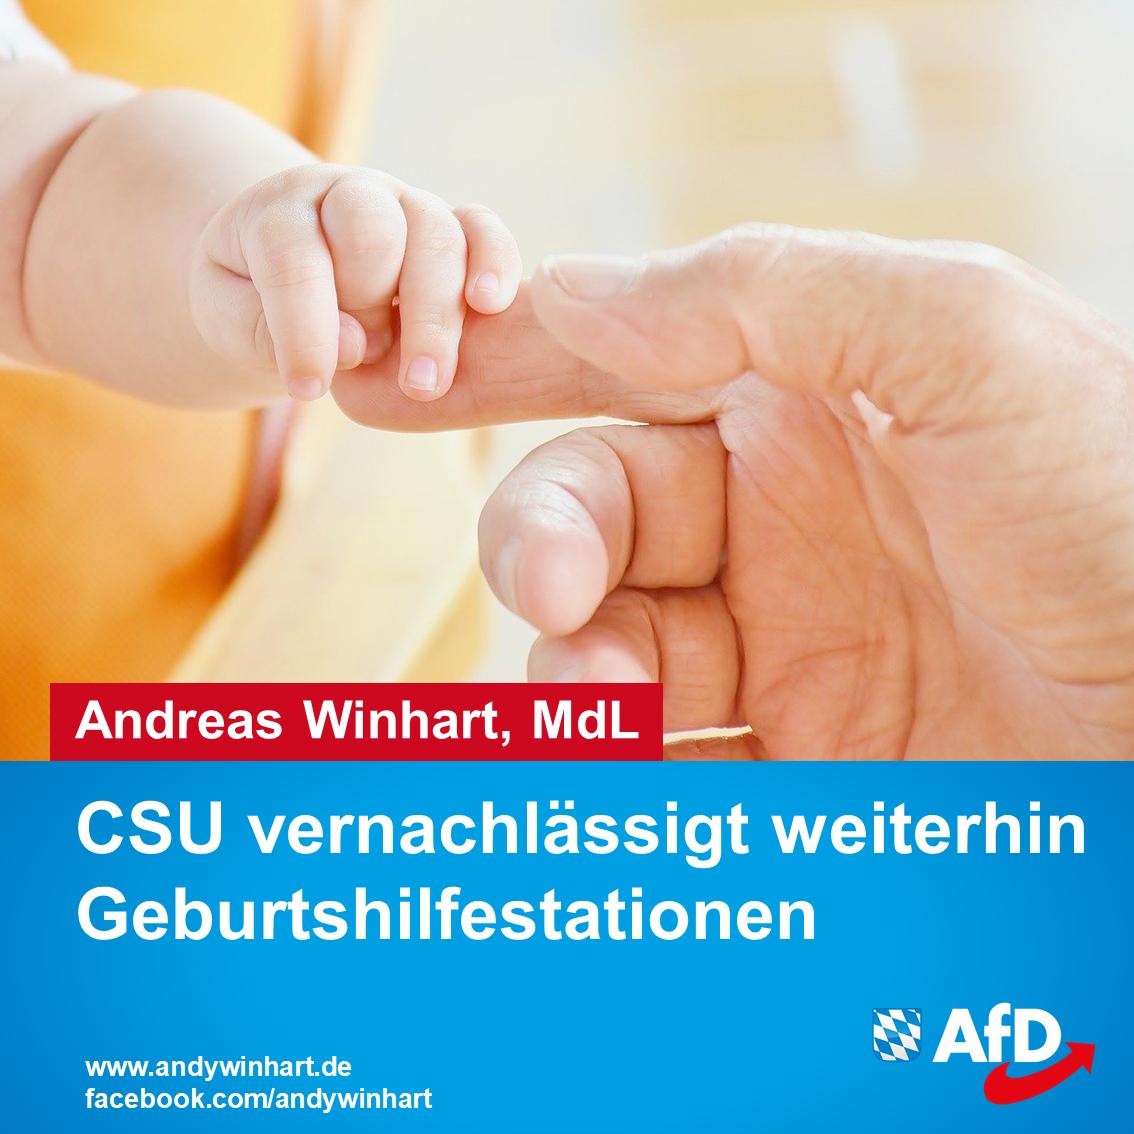 Stellungnahme von Andreas Winhart MdL zur Kritik der CSU an den RoMed Kliniken